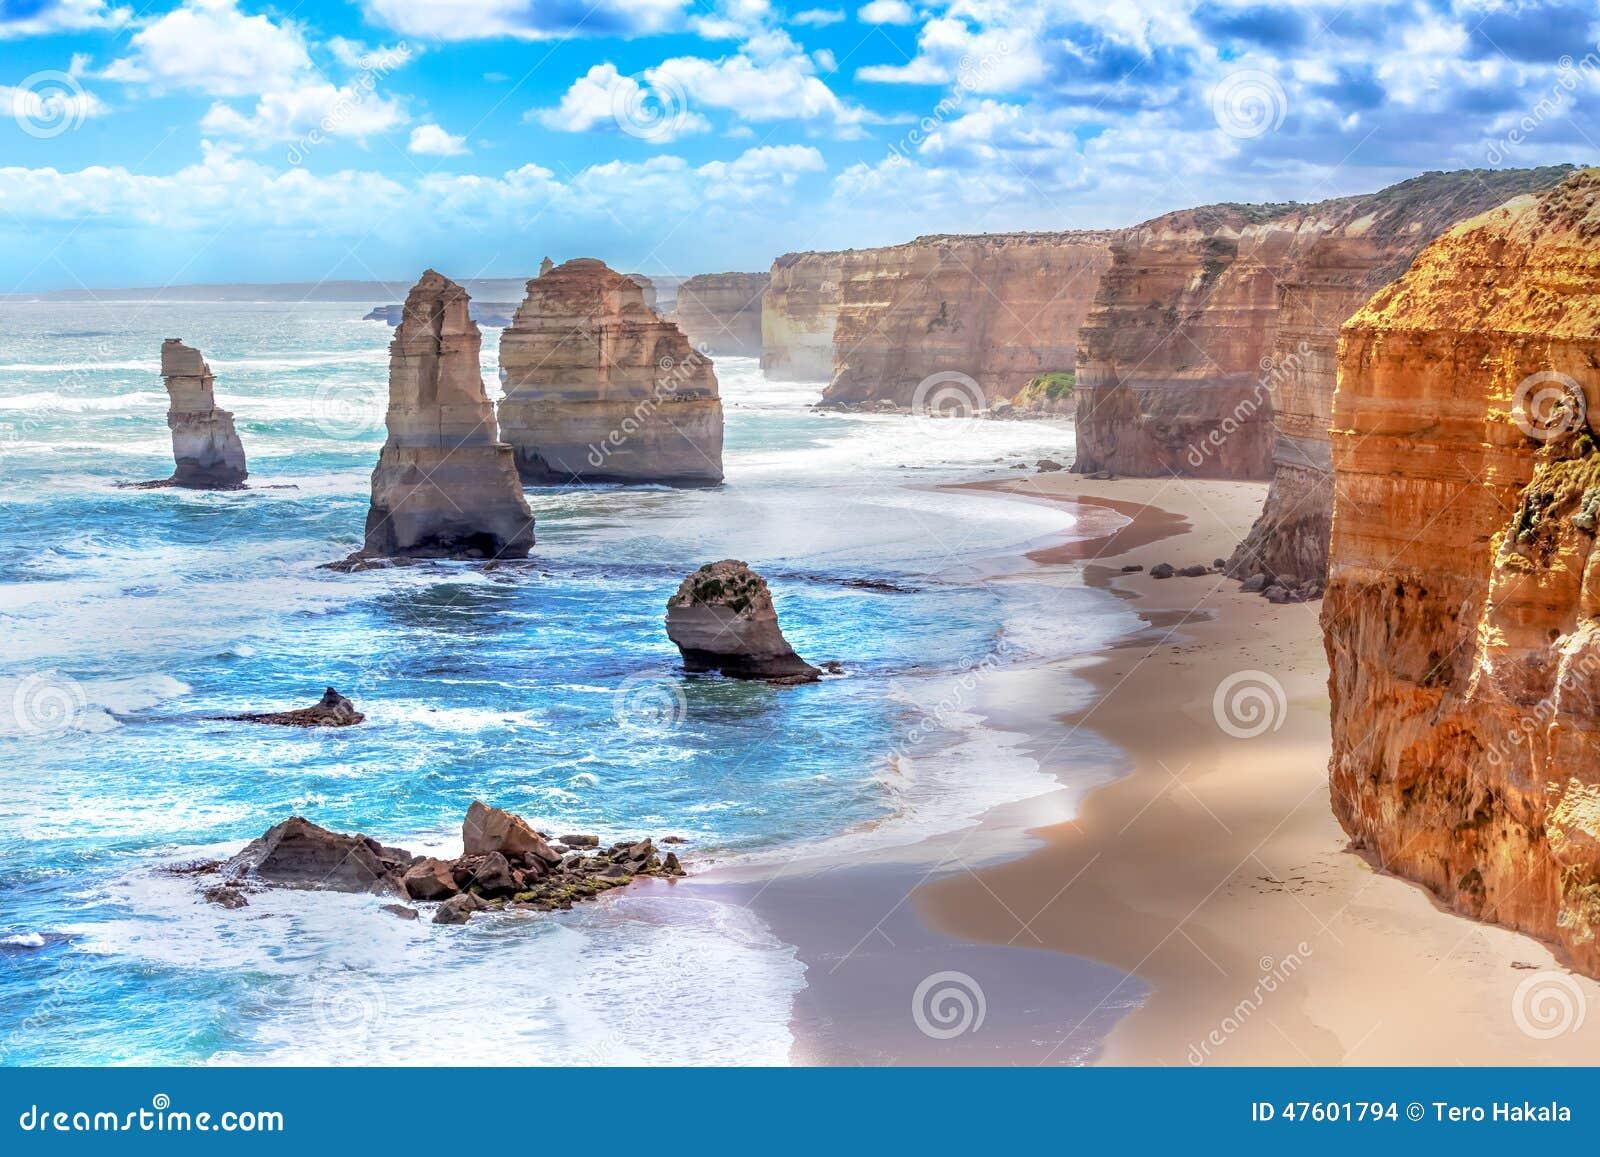 Twaalf Apostelen langs de Grote Oceaanweg in Australië